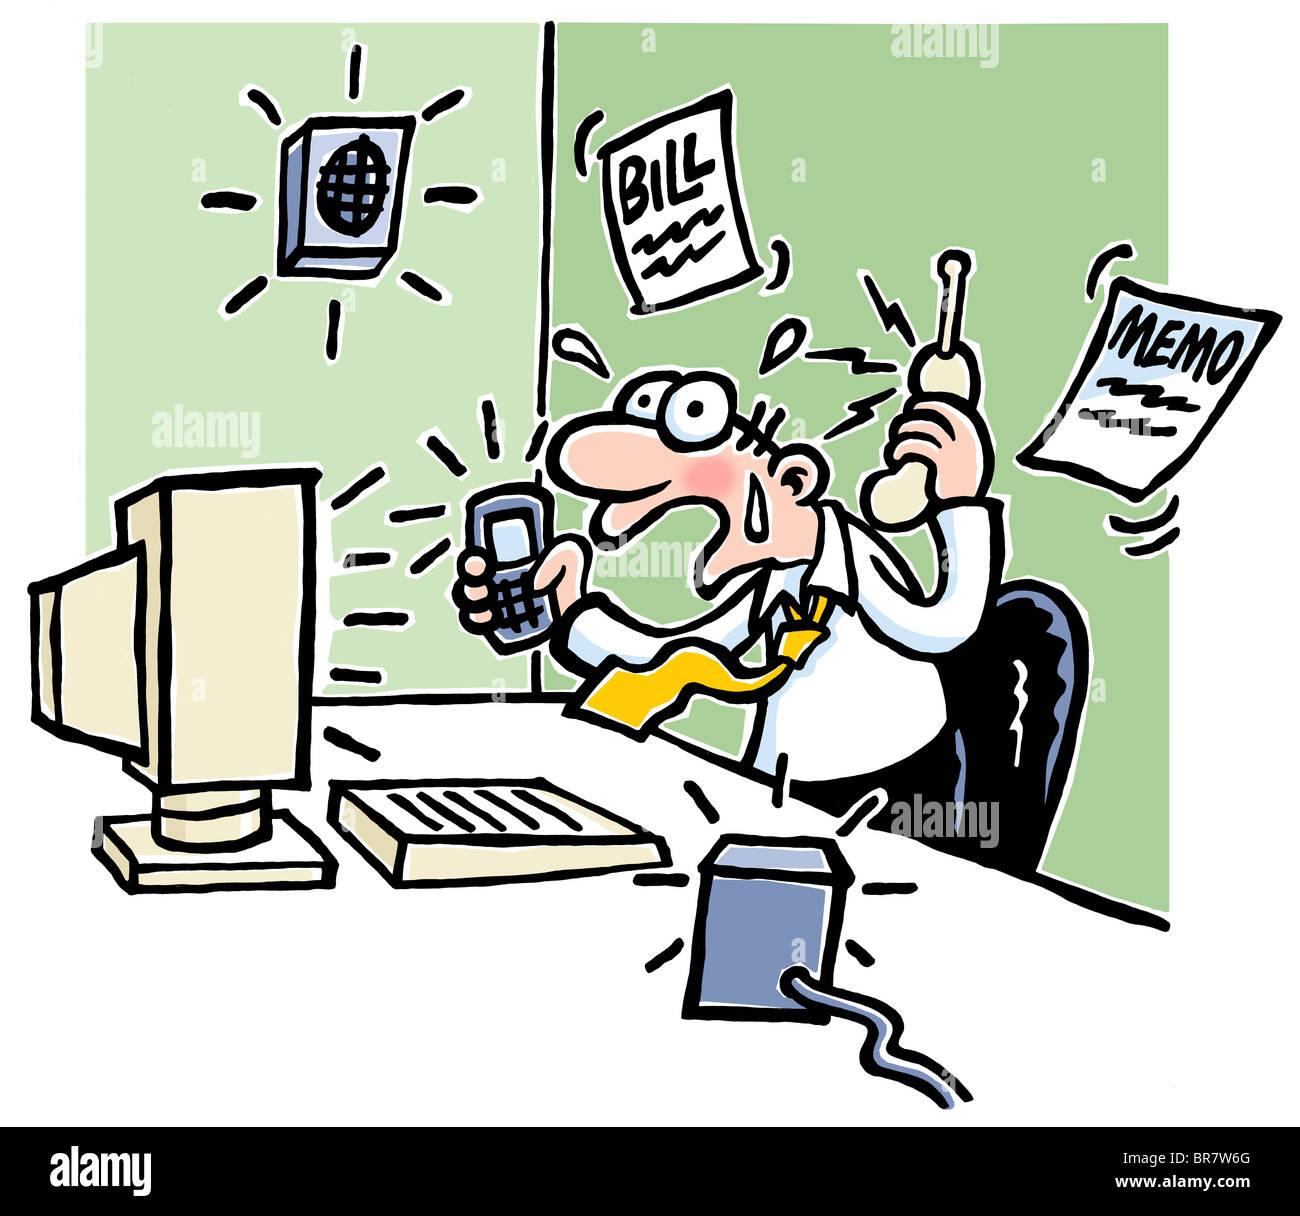 Karikatur Von Geschaftsmann Sitzt An Einem Schreibtisch Suchen Betont Und Umgeben Von Aktive Handy Computer Gegensprechanlagen Und Memos Stockfotografie Alamy